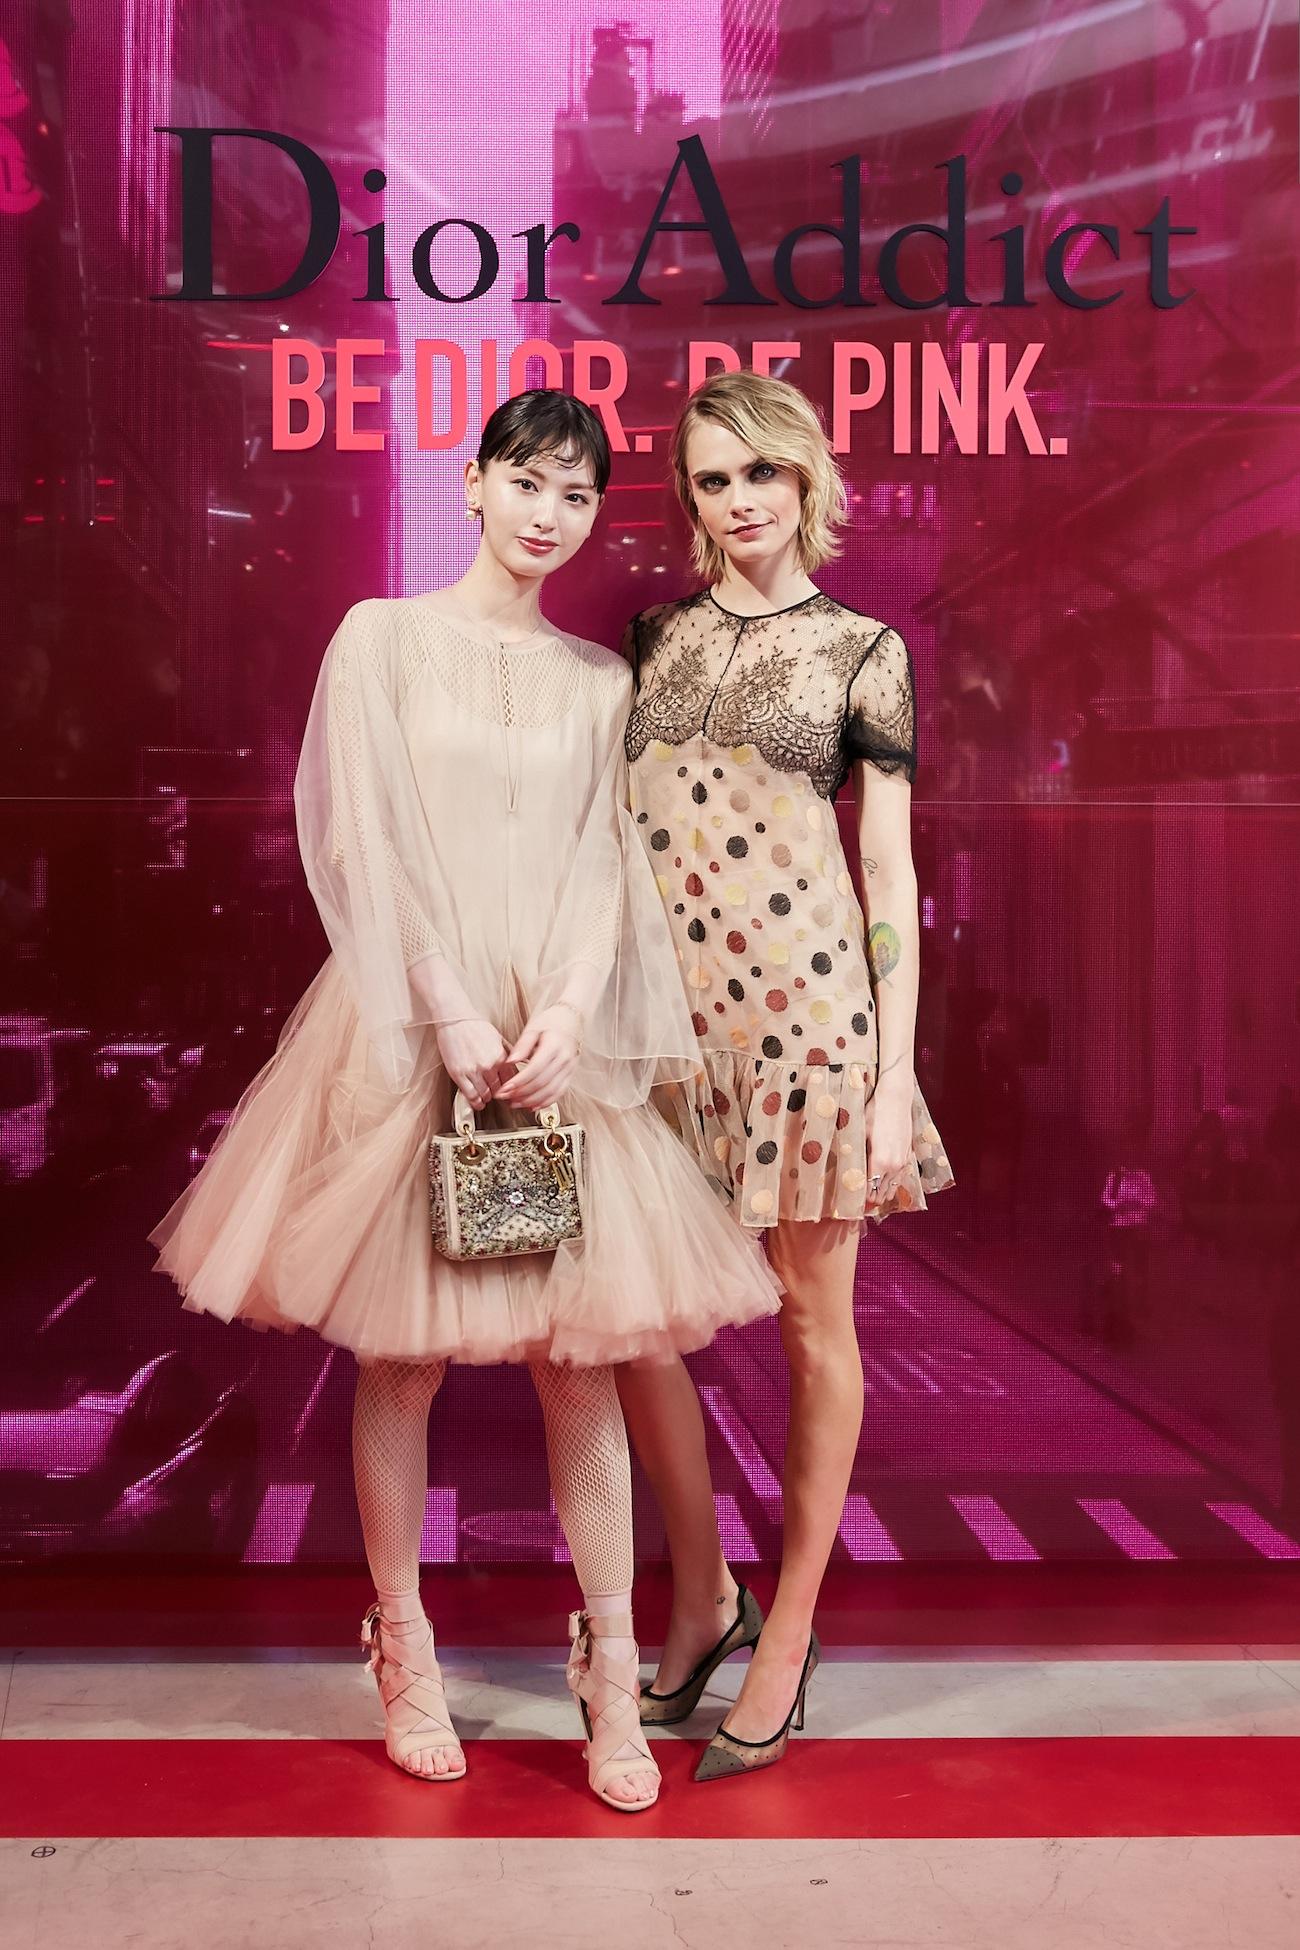 鈴木えみ、カーラ・デルヴィーニュ「Dior Addict Stellar Shine(ディオール アディクト ステラー シャイン)」のローンチイベント(2019年4月2日、渋谷・hotelkoé tokyoにて)